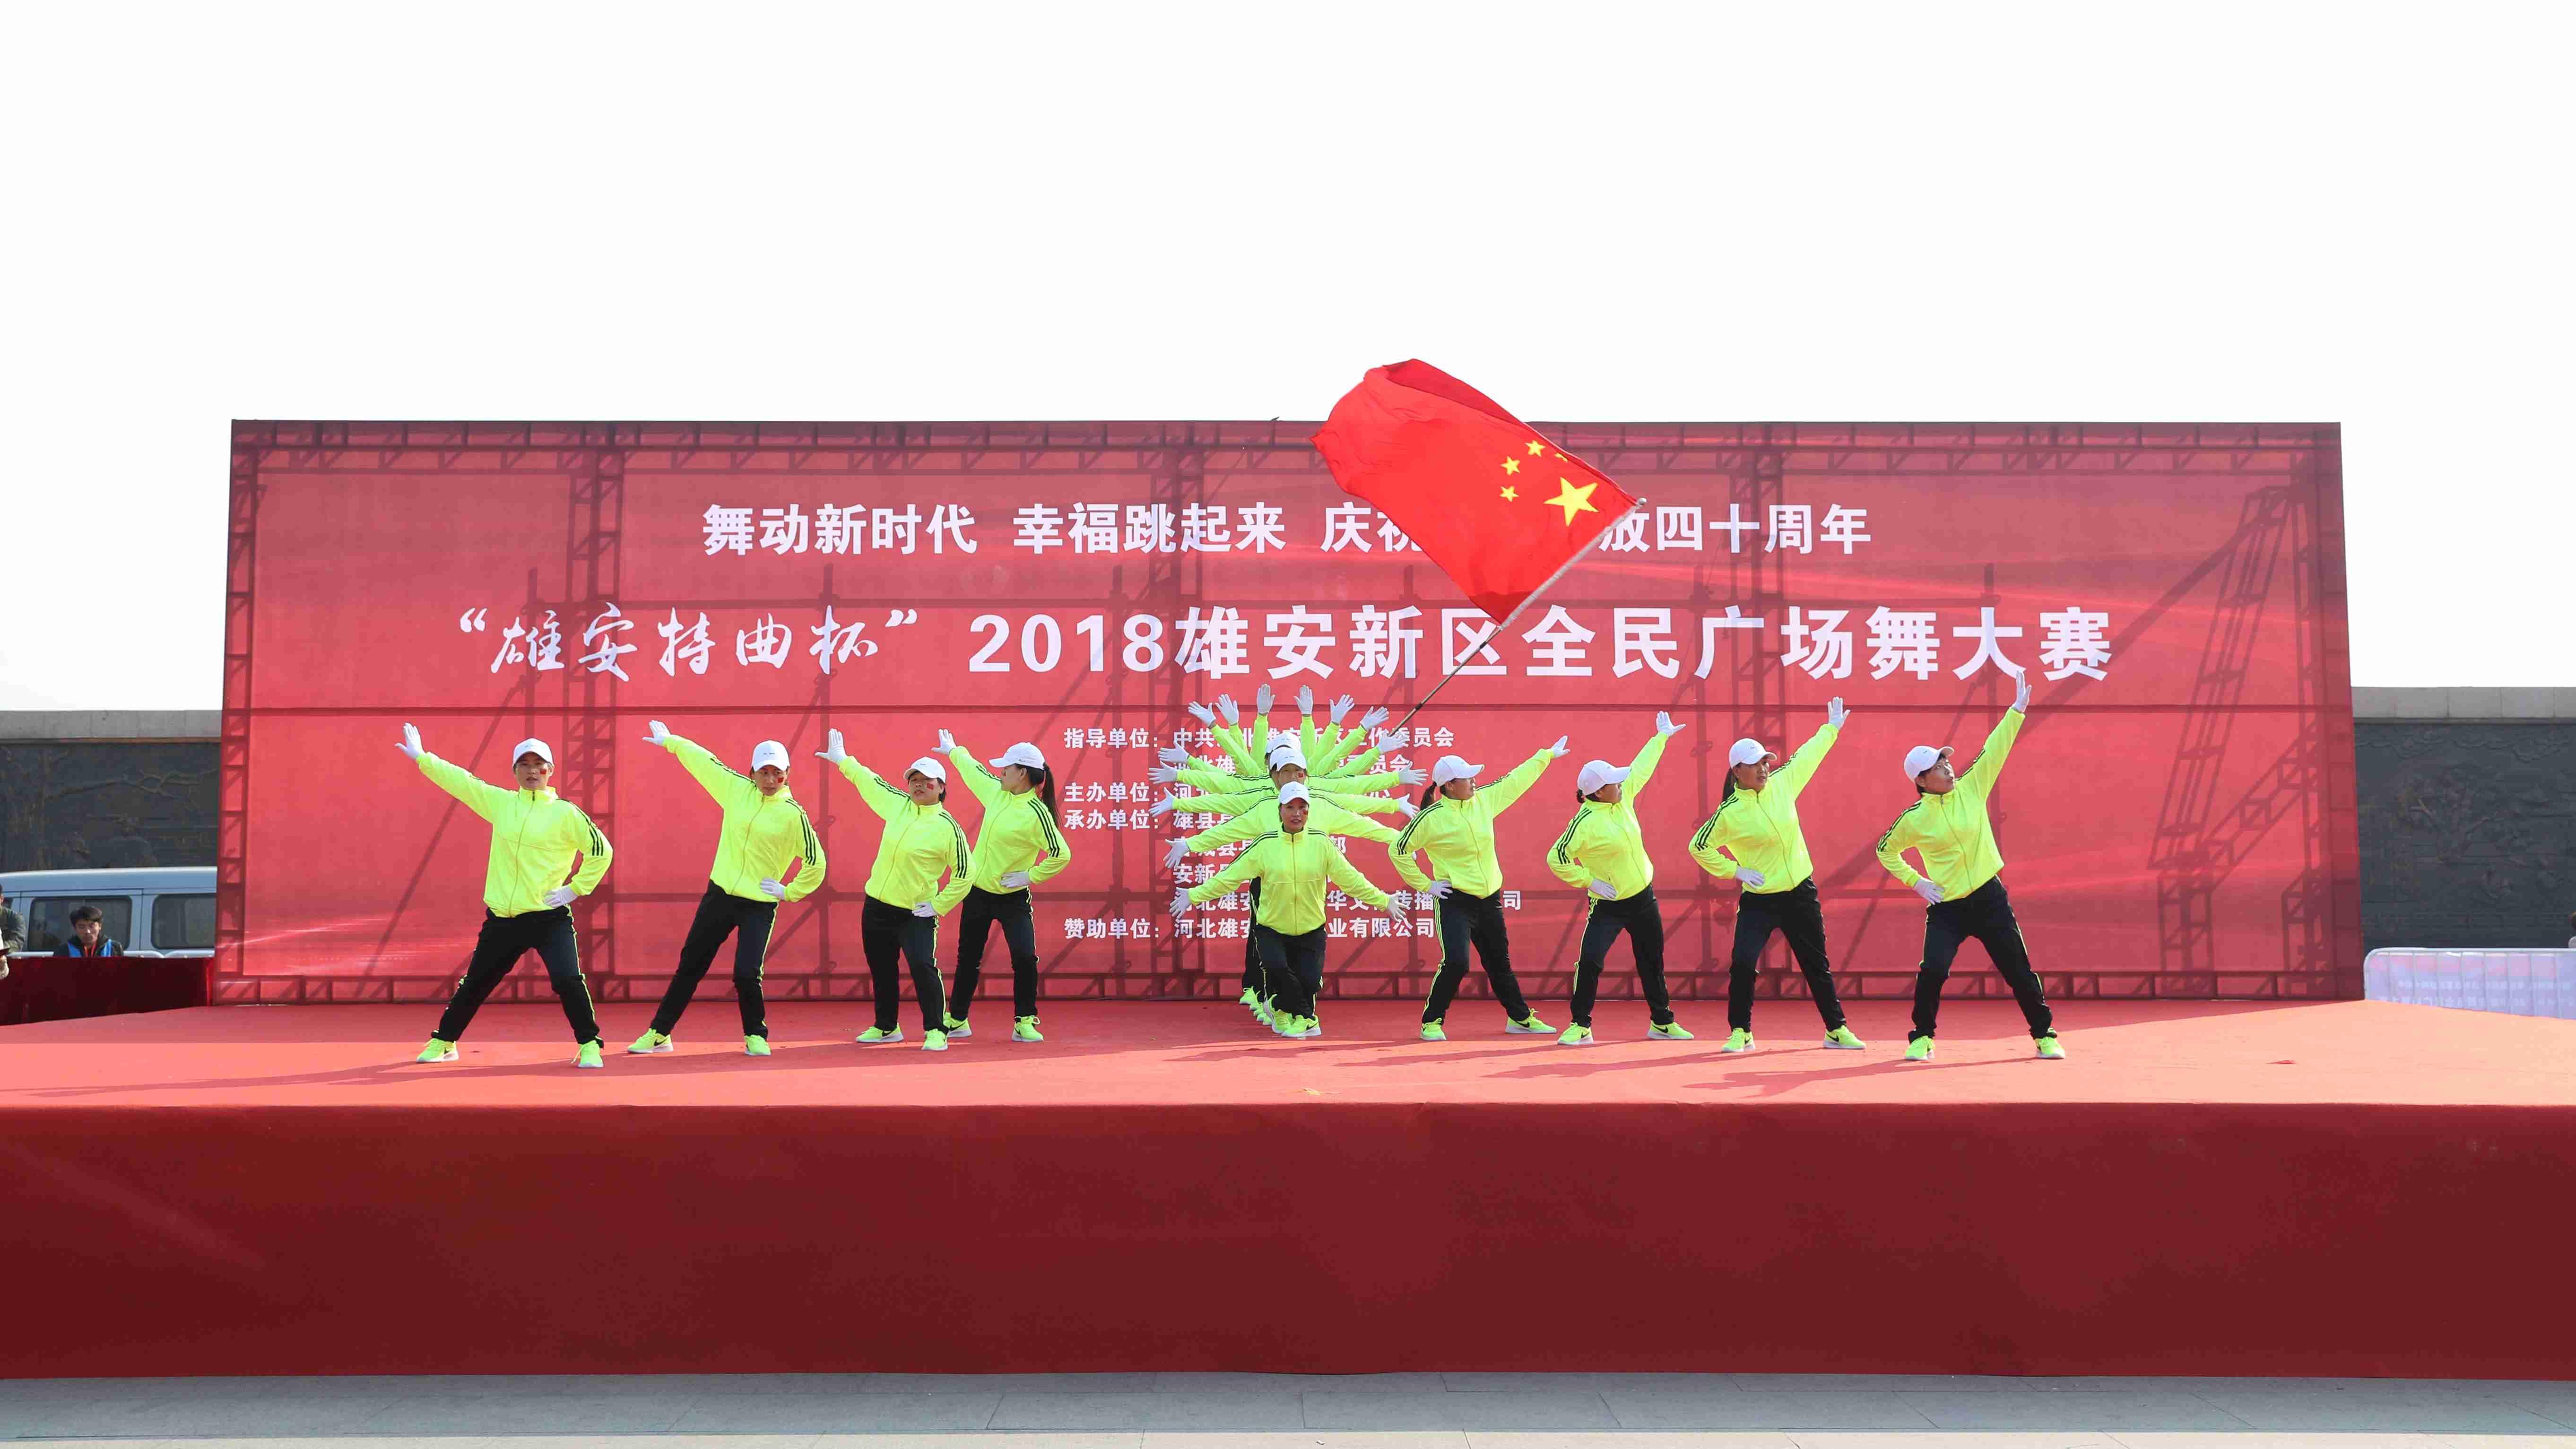 高清大图+视频丨2018雄安新区全民广场舞大赛决赛全纪录